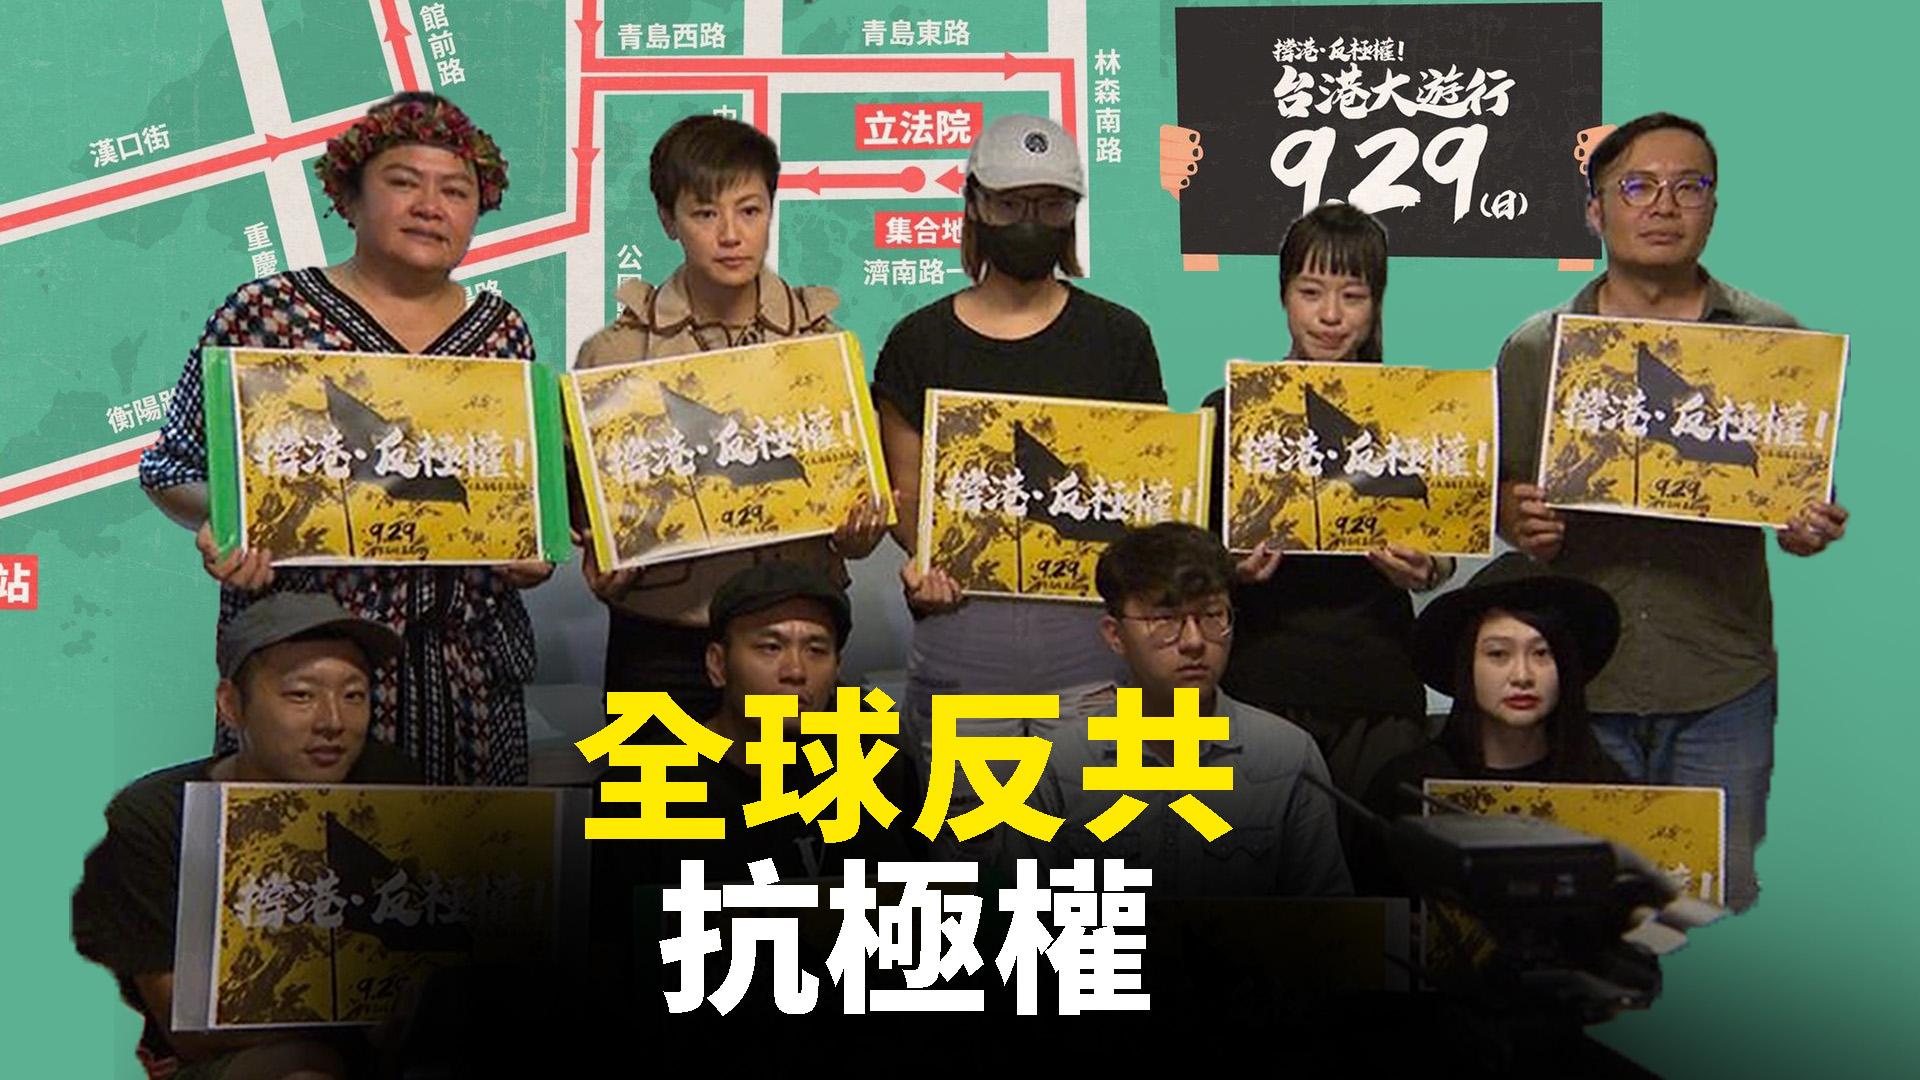 全球反共抗極權,《香港人權與民主法案》讓去年的中共十一「國慶」尷尬連連。(大紀元合成)